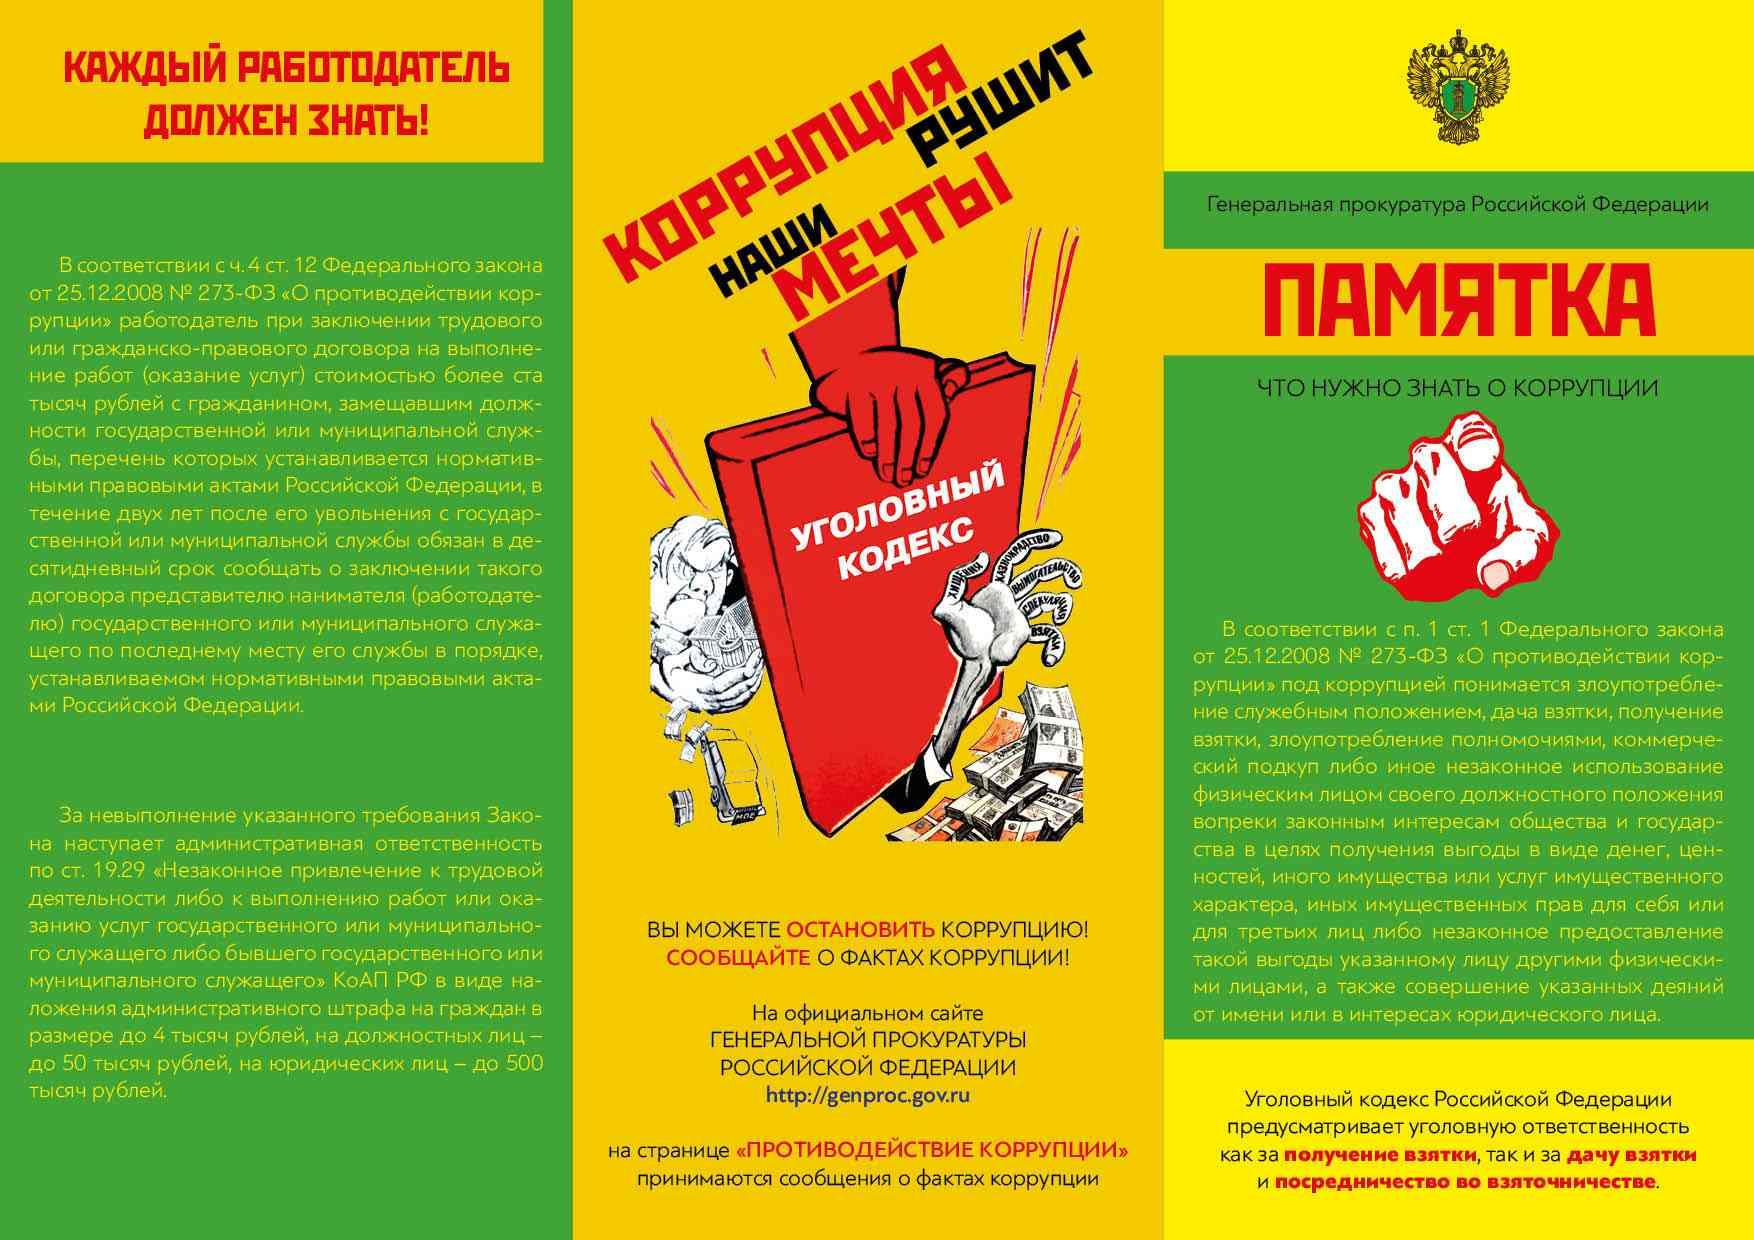 памятка по коррупции 2